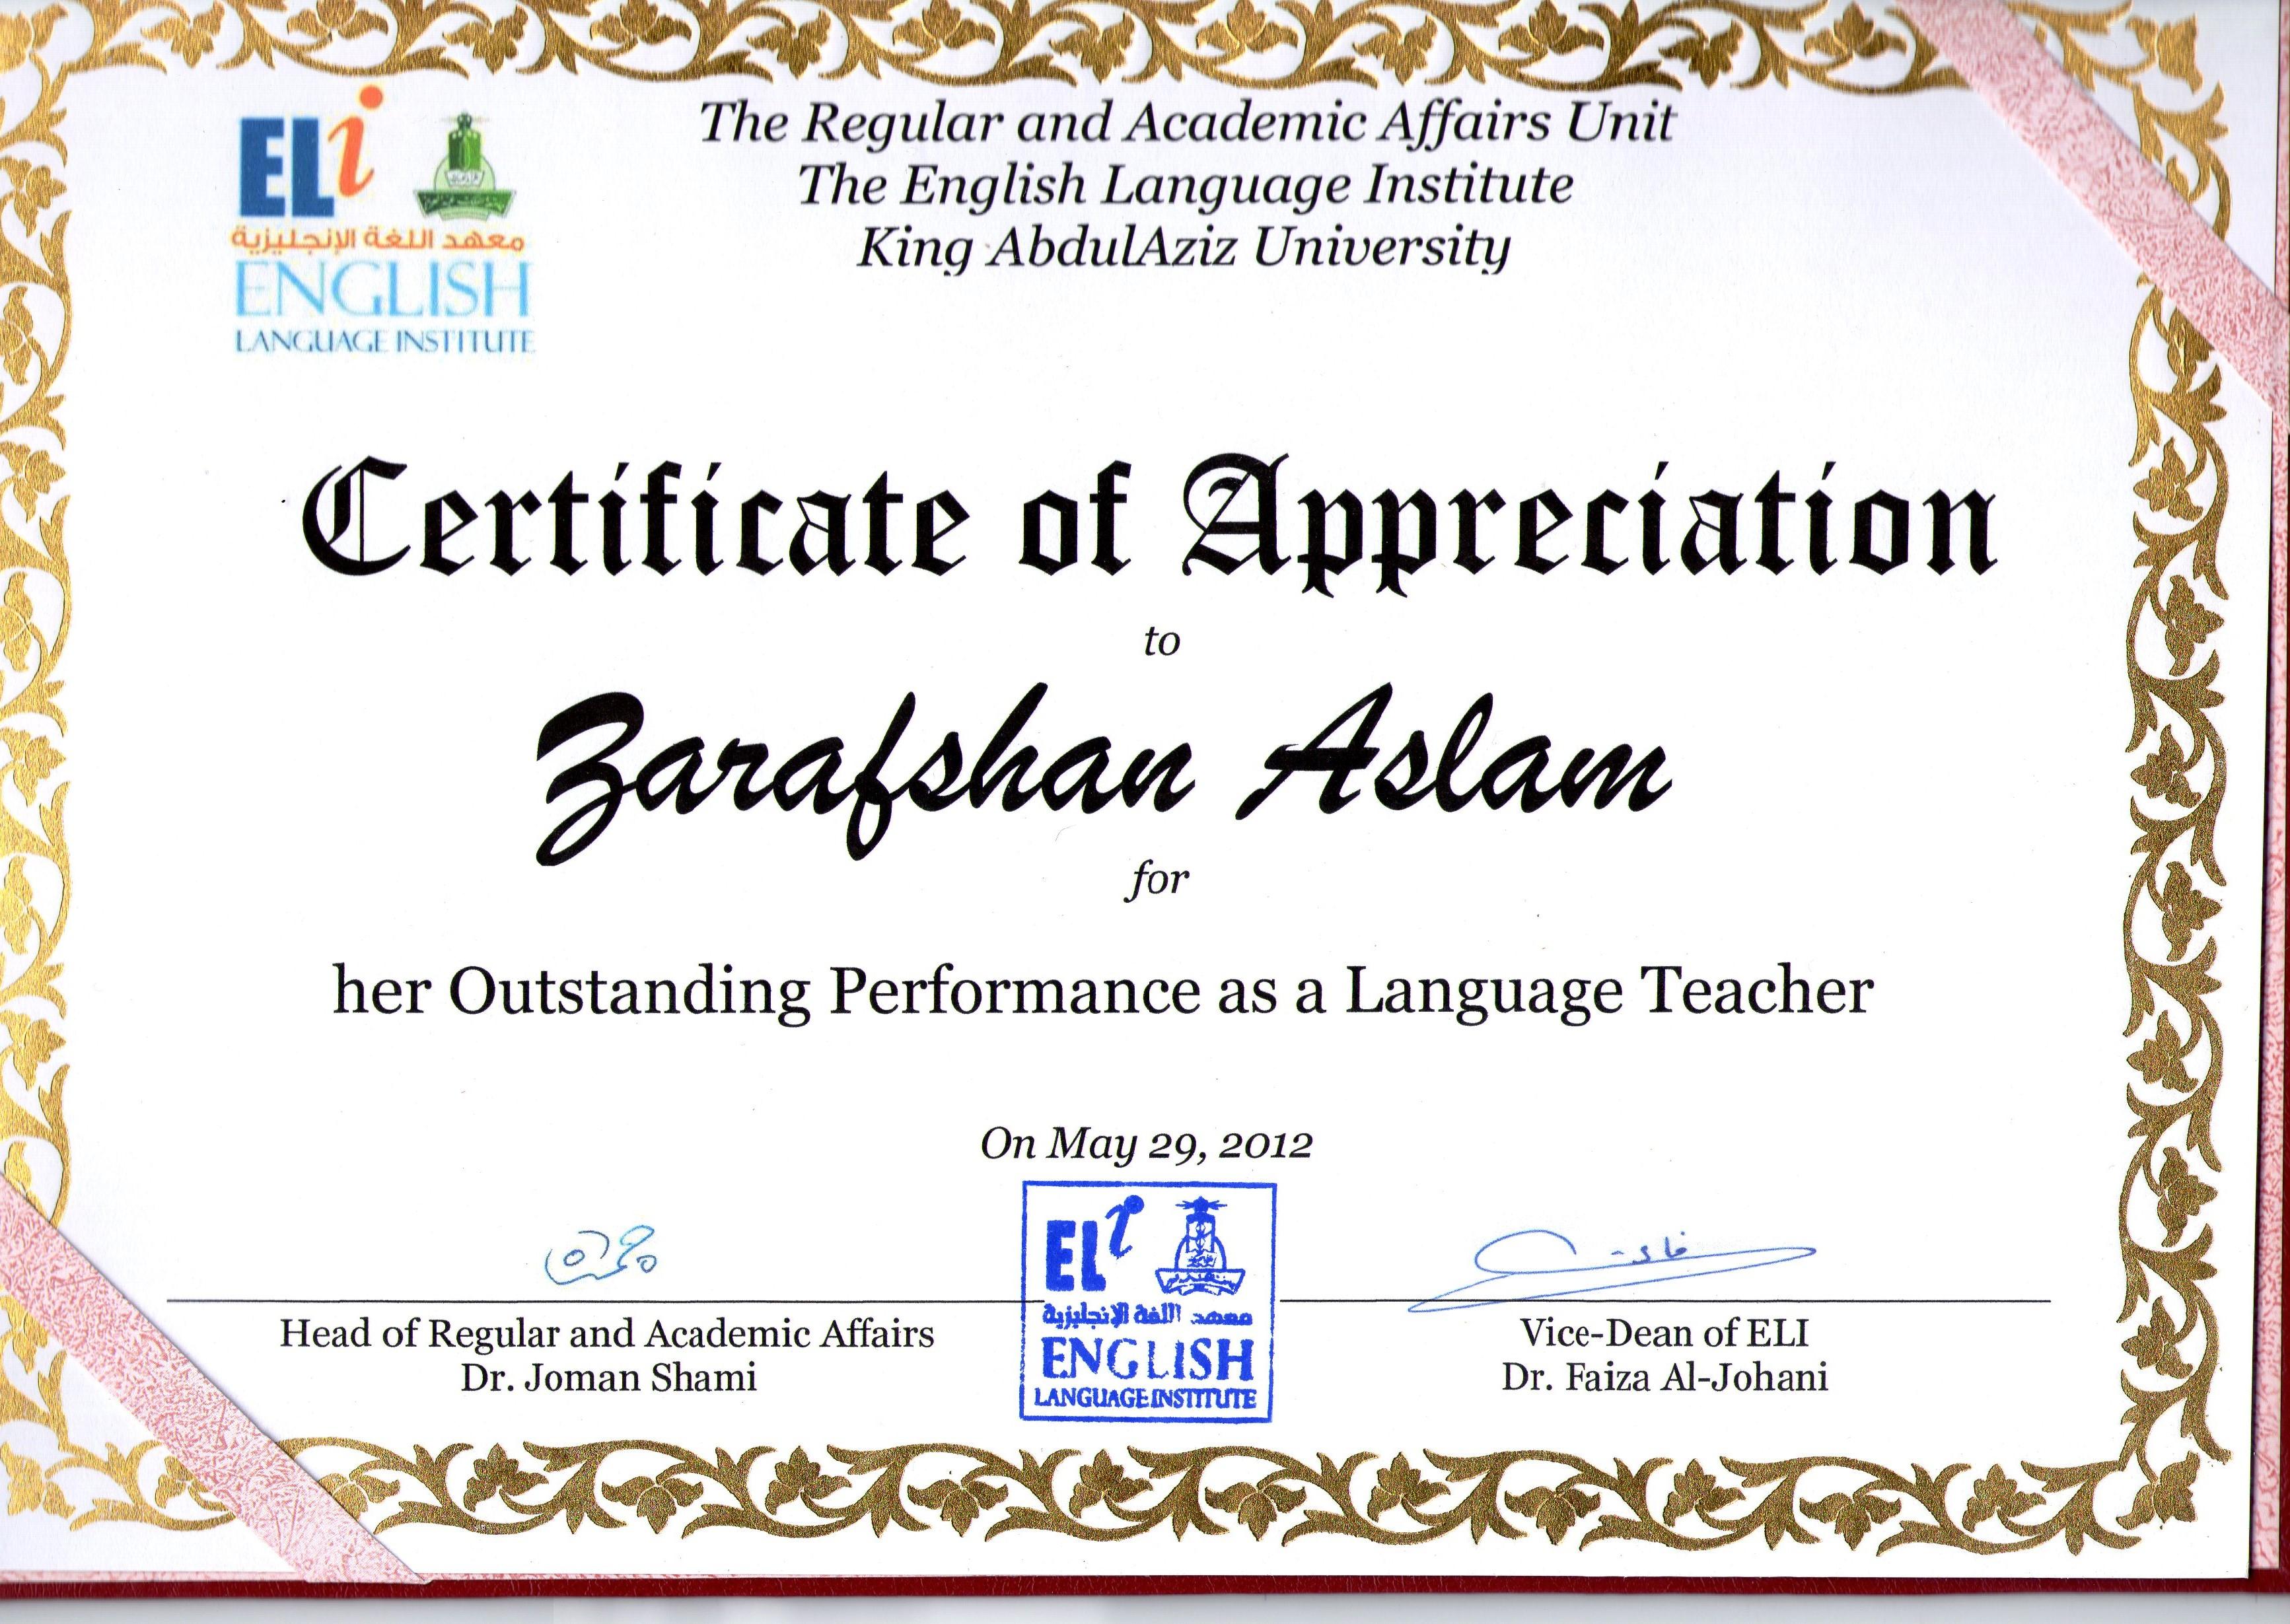 سيدة زرفشان اسلم photo album certificates of appreciation